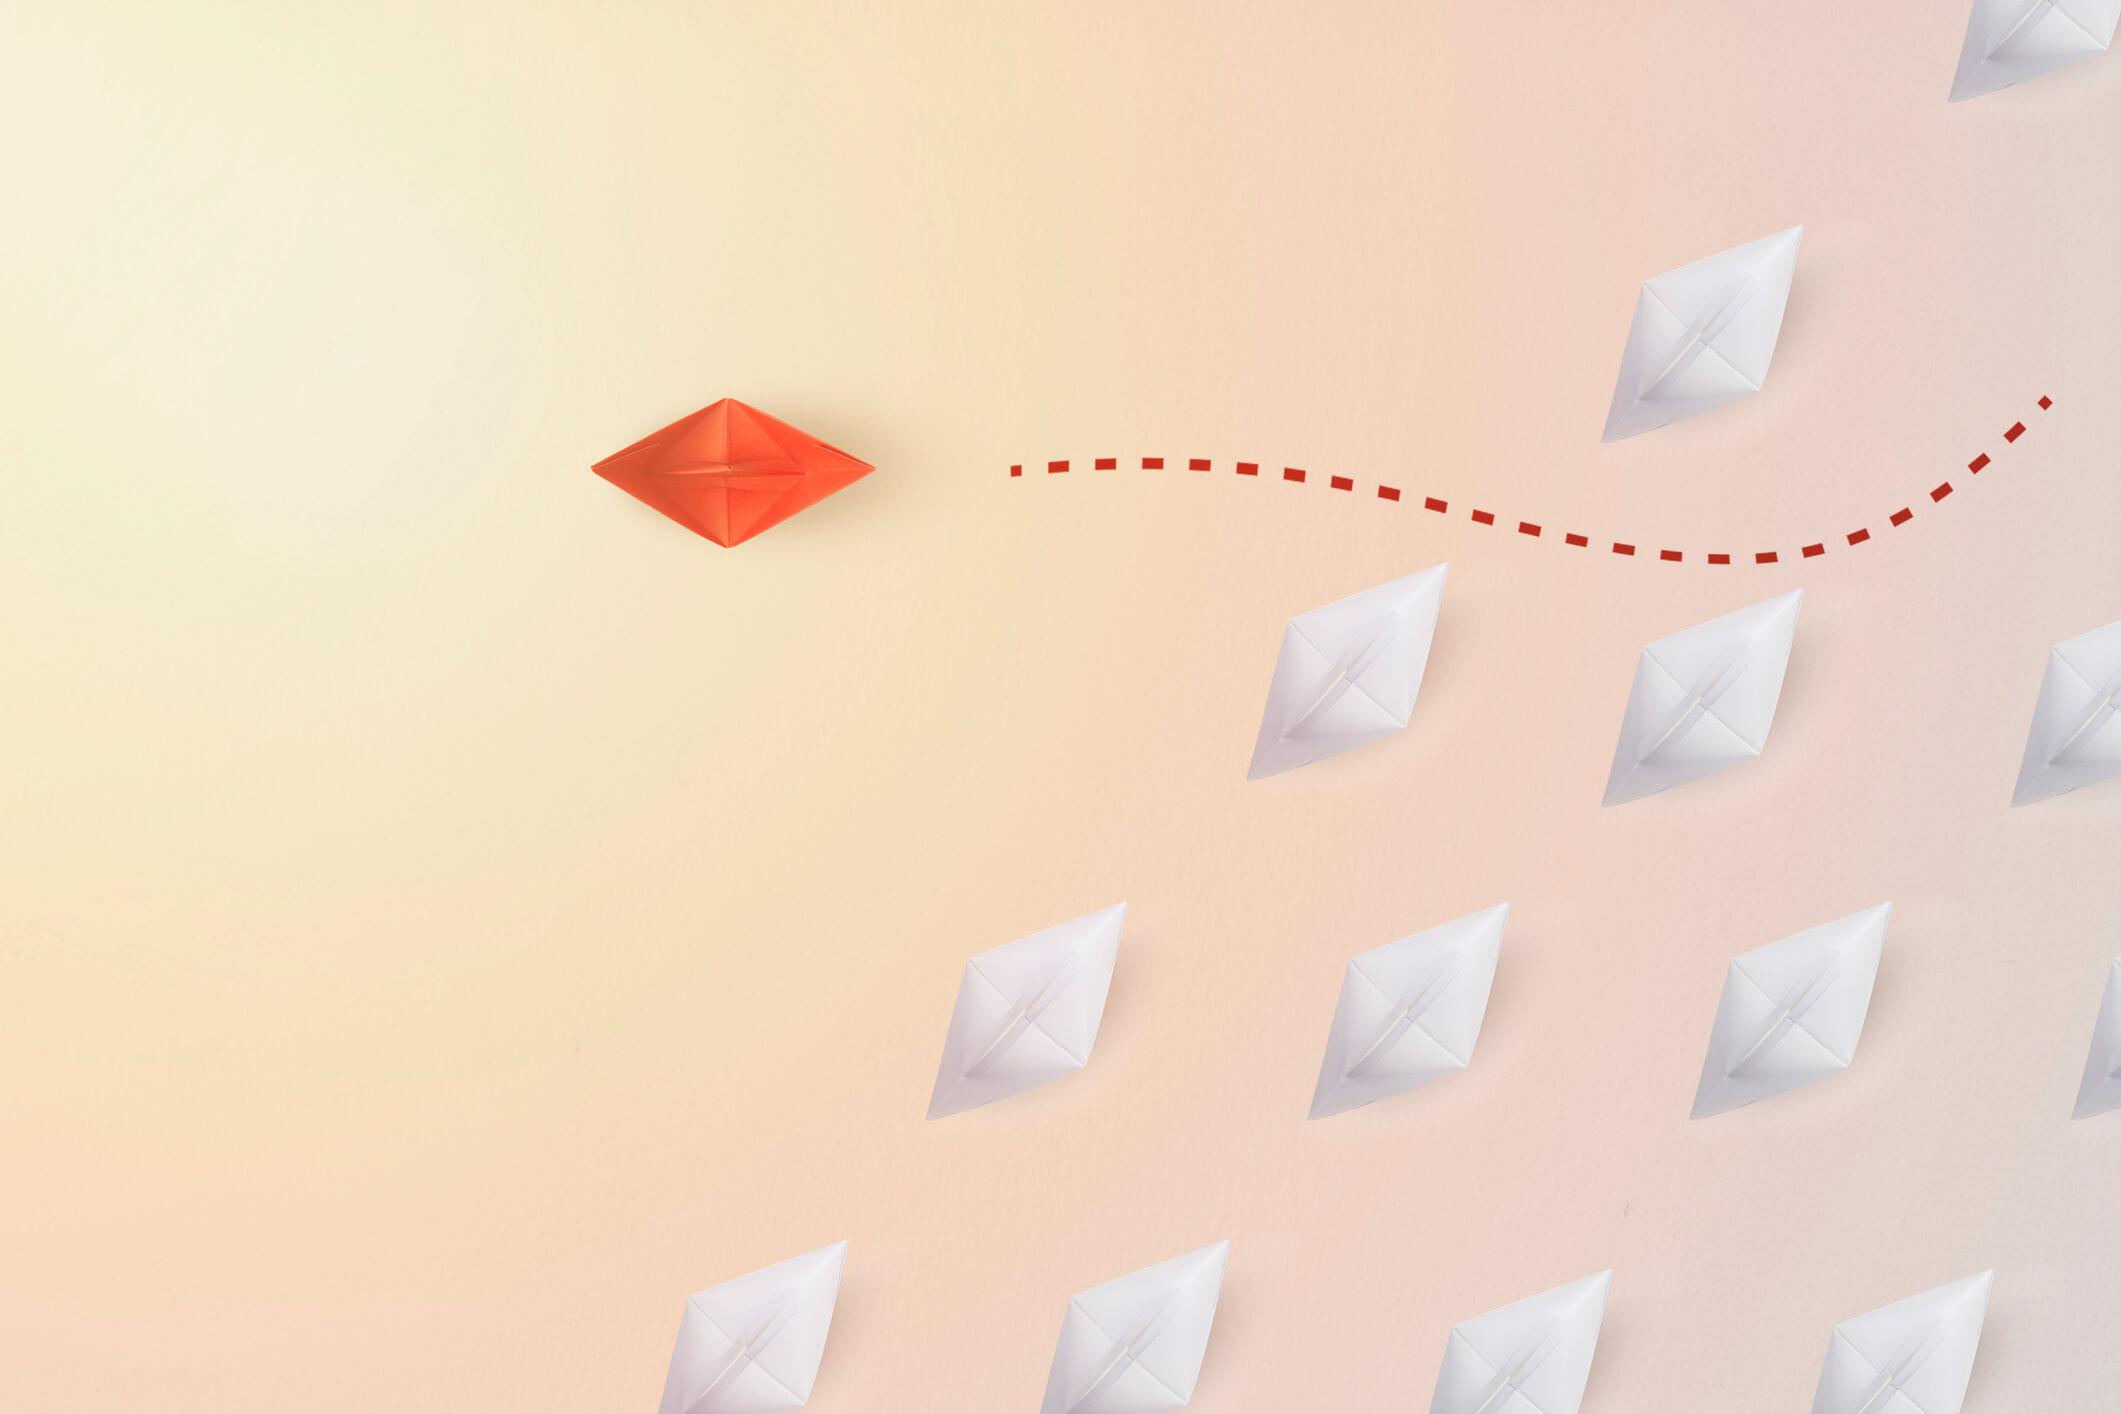 ilustração de pipa voando